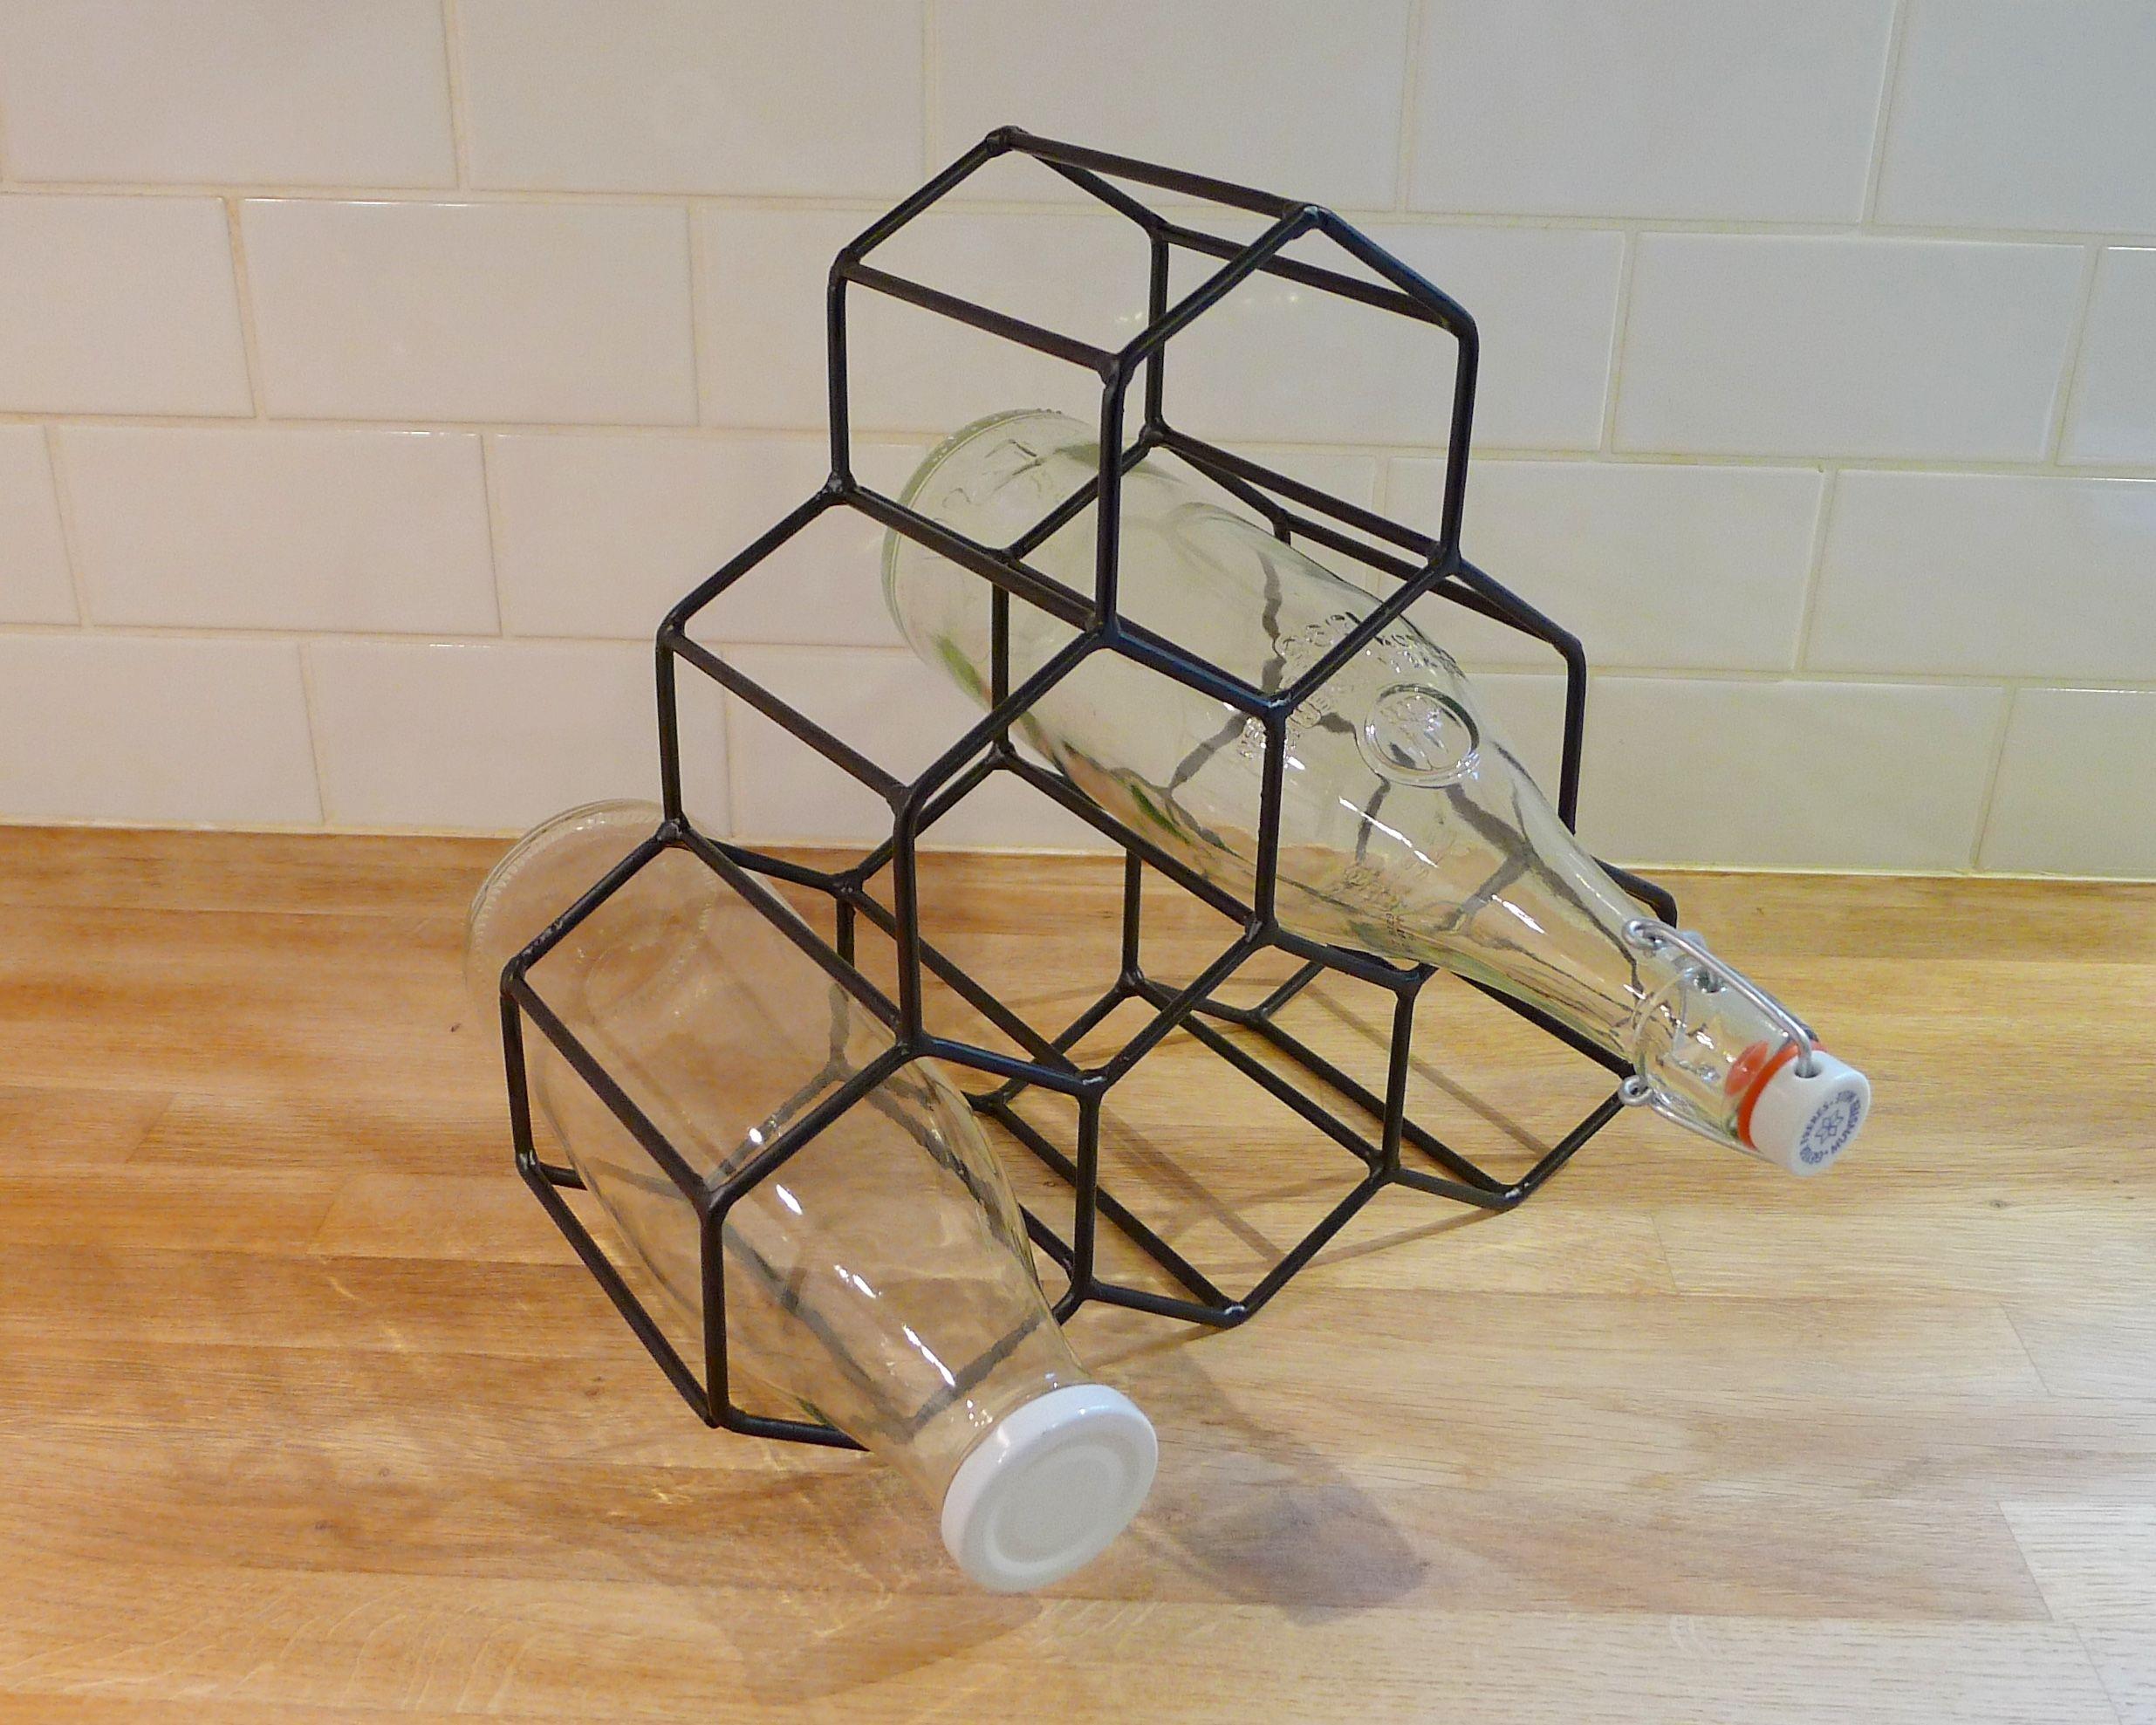 Porte-bouteilles métal noir  Pratique et sobre pour ranger ses bouteilles. #PorteBouteilles #cuisine #bouteille #ranger #rangement #presentatoir